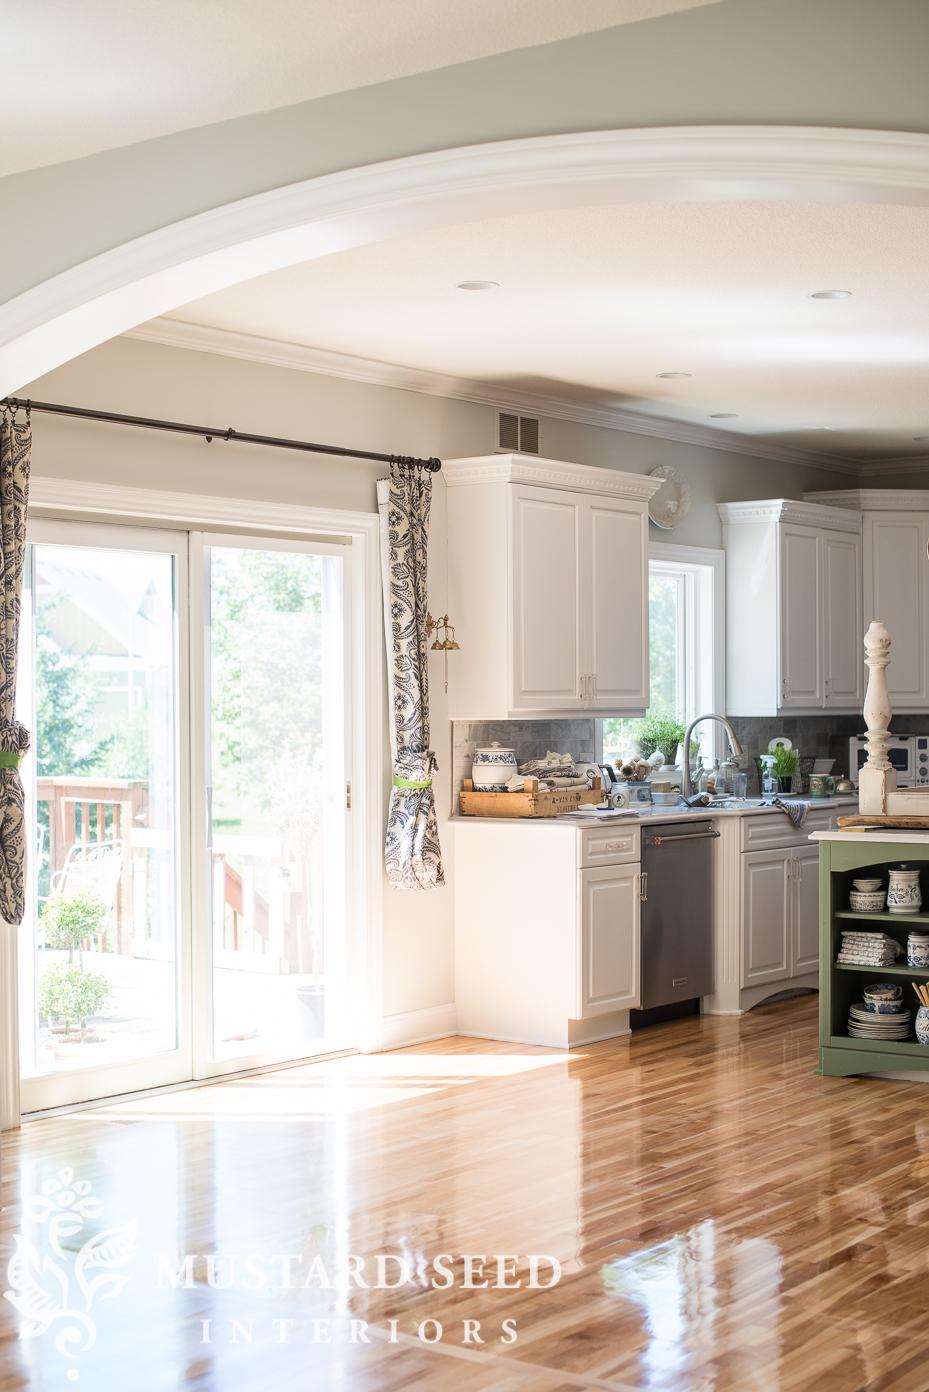 refinishing wood kitchen floors | miss mustard seed